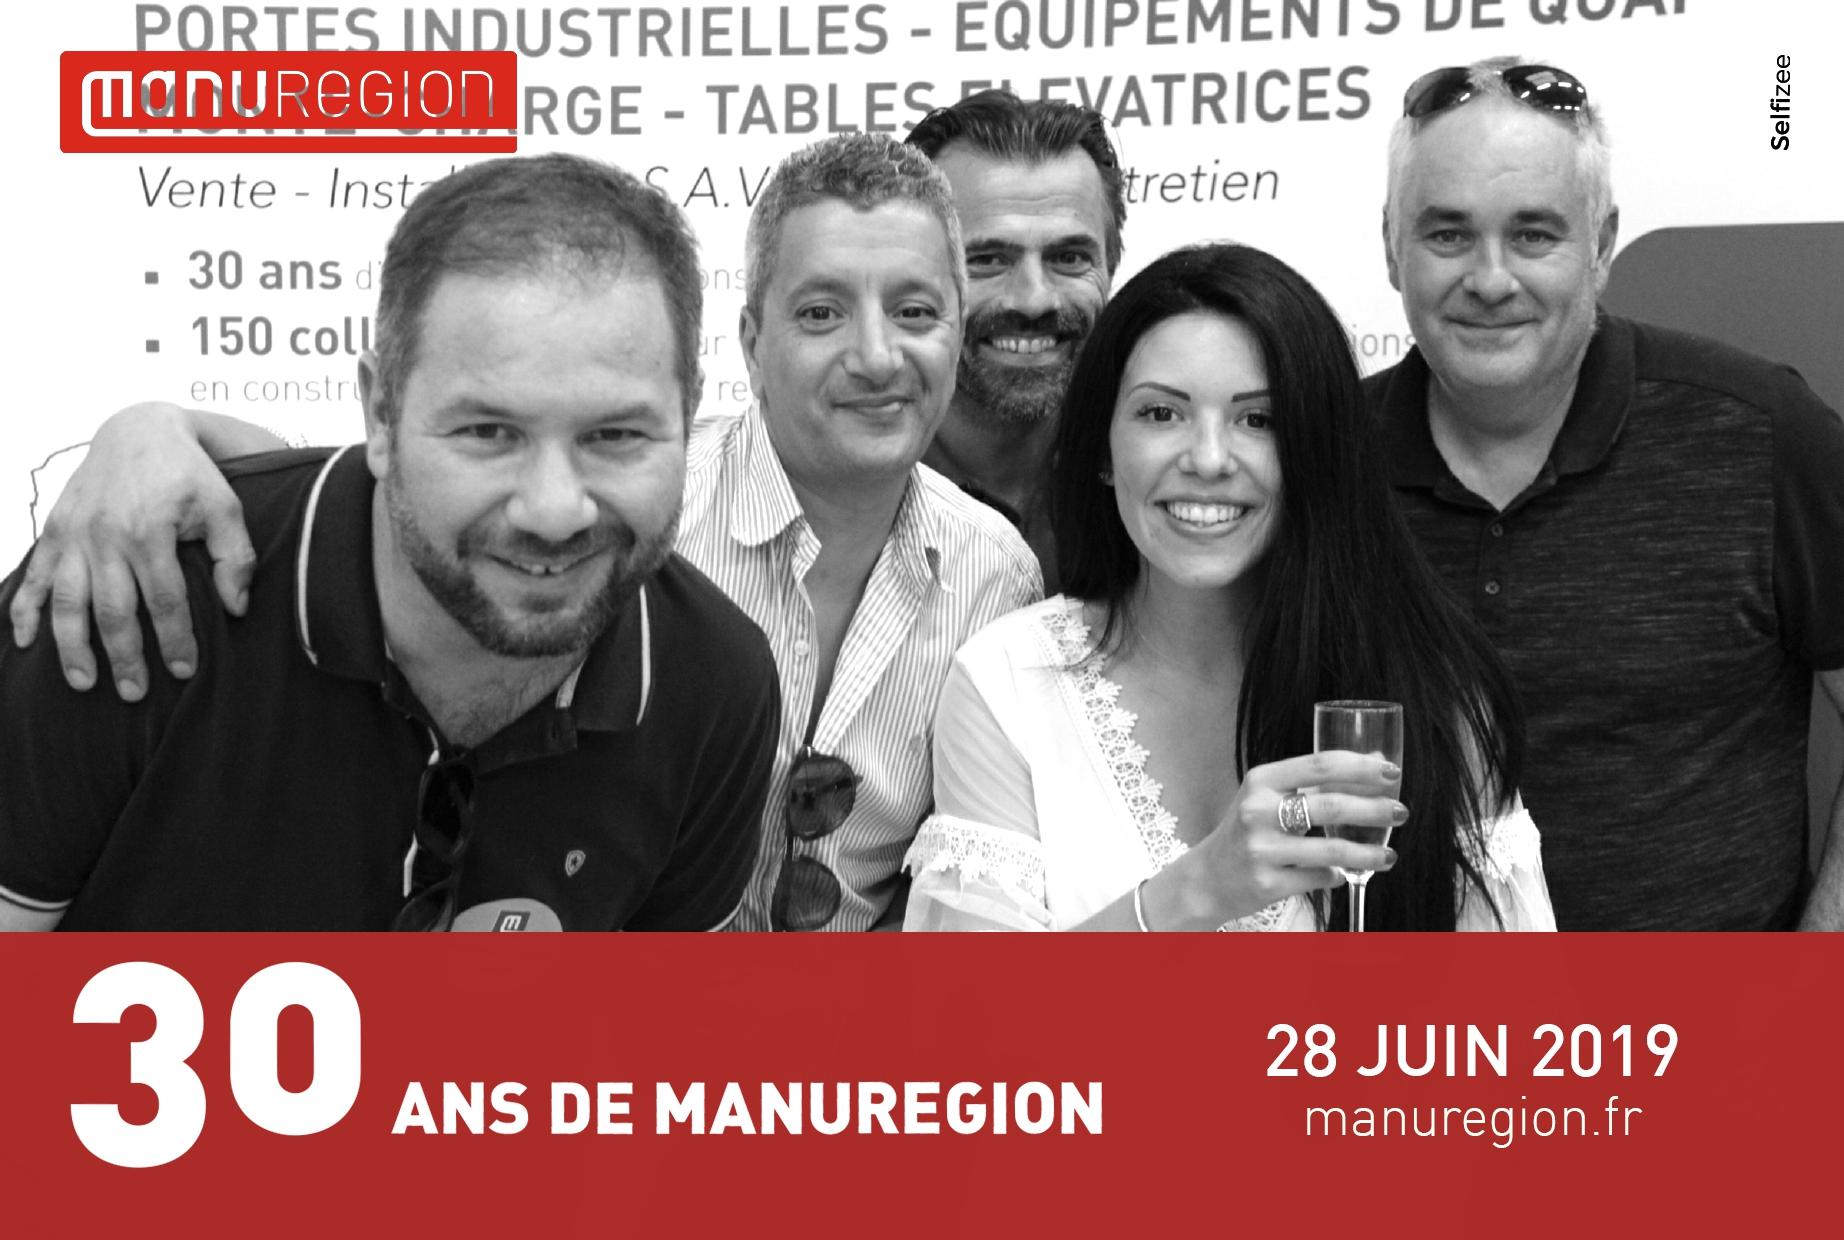 Animation borne photo soirée anniversaire Manurégion Reims avec selfies personnalisés des visiteurs et clients